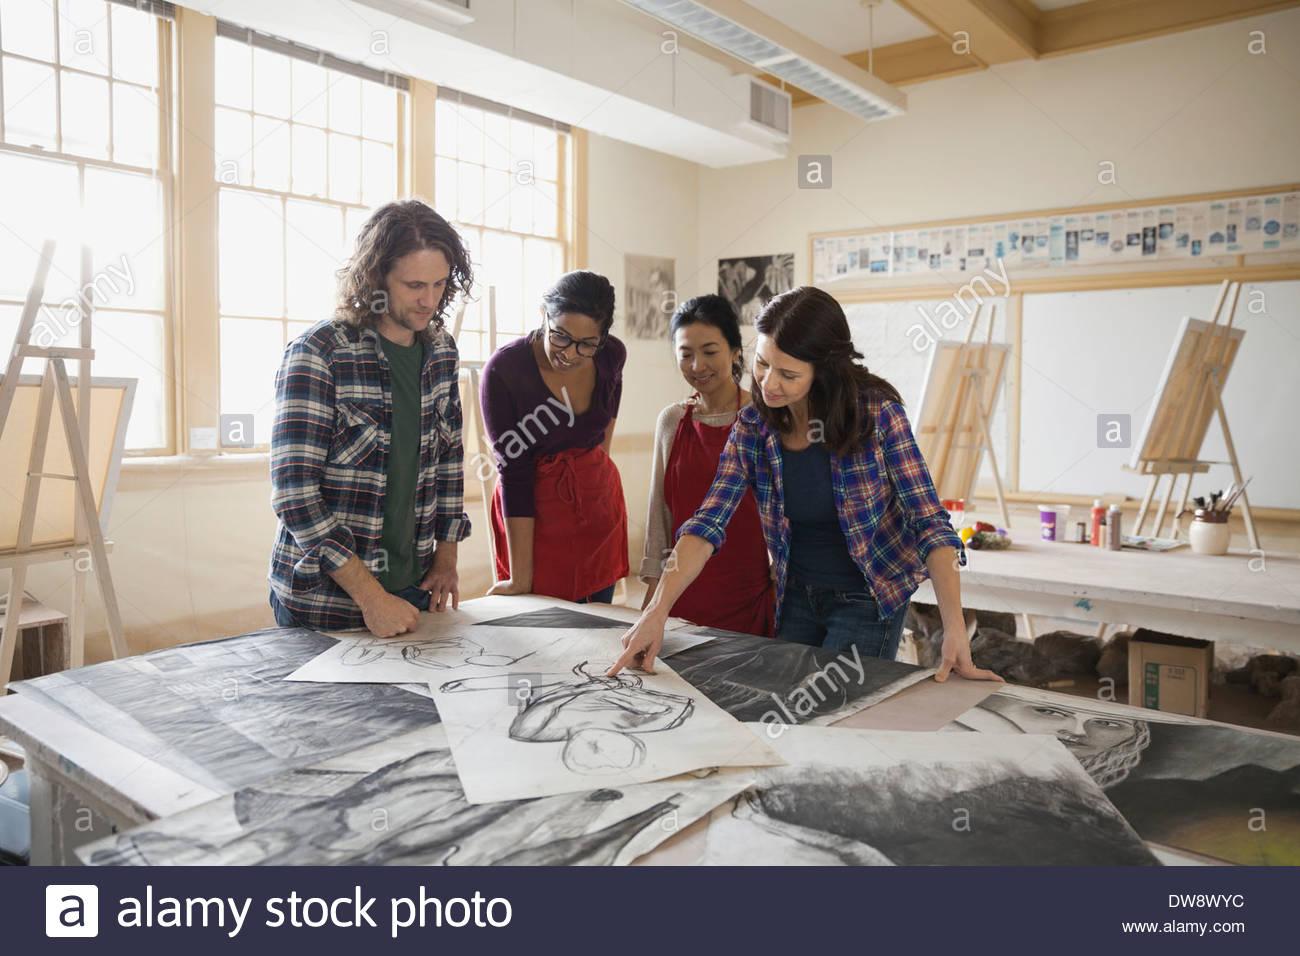 Les élèves de l'analyse des dessins au fusain dans la classe d'art Photo Stock